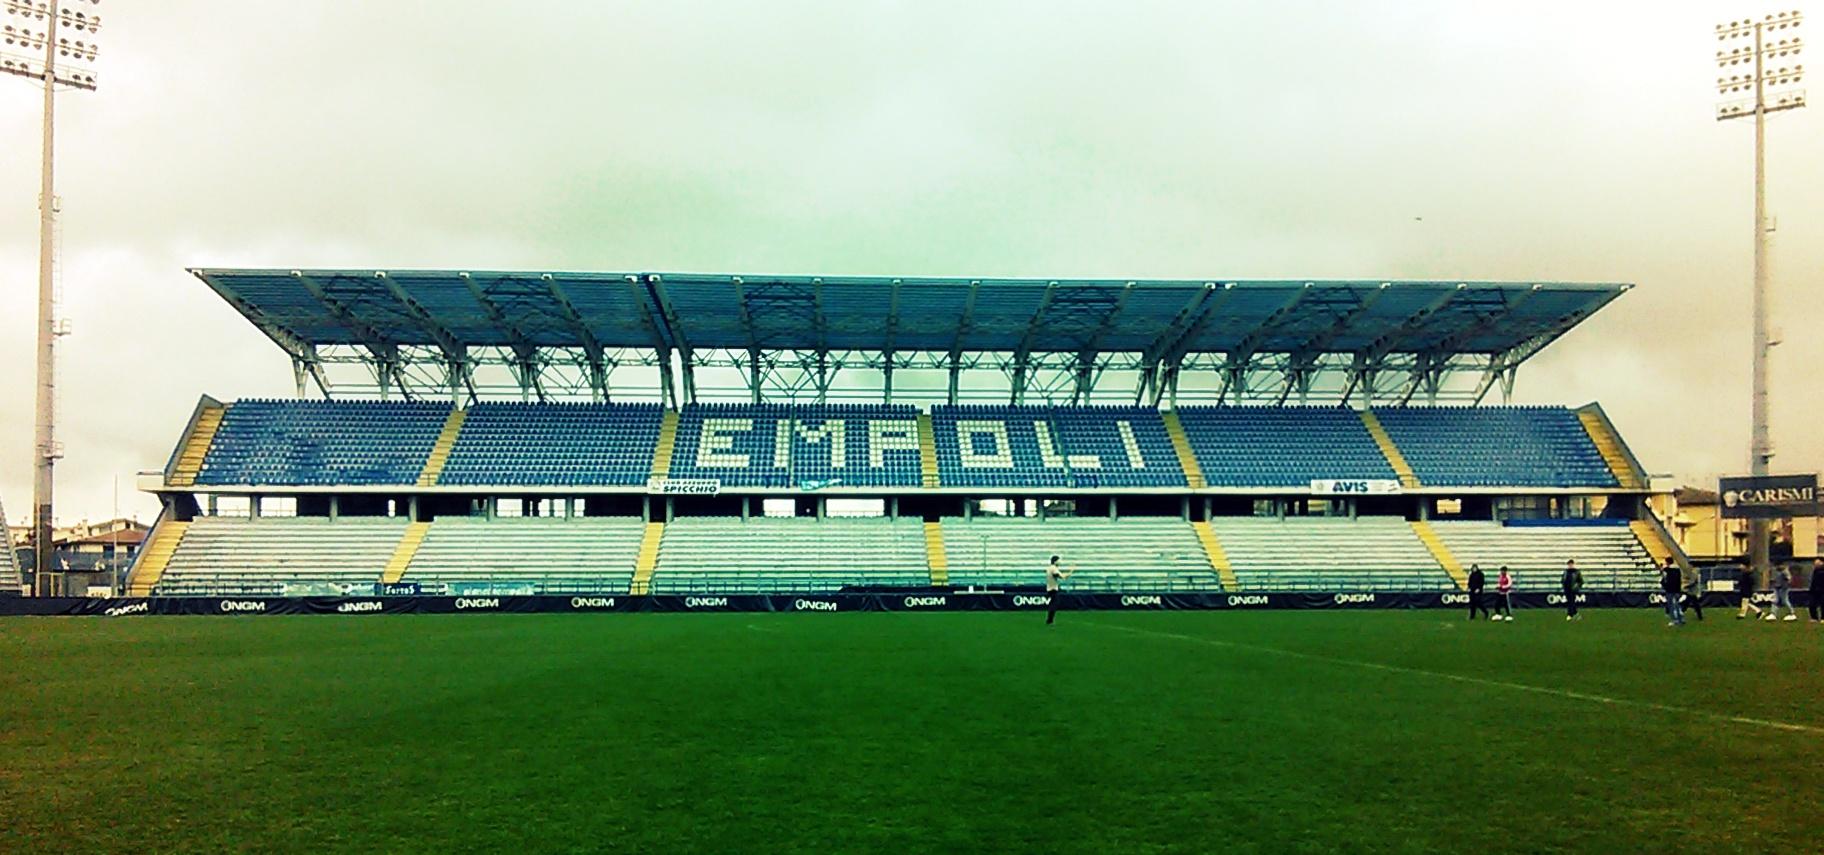 Stadio Carlo Castellani - Wikipedia